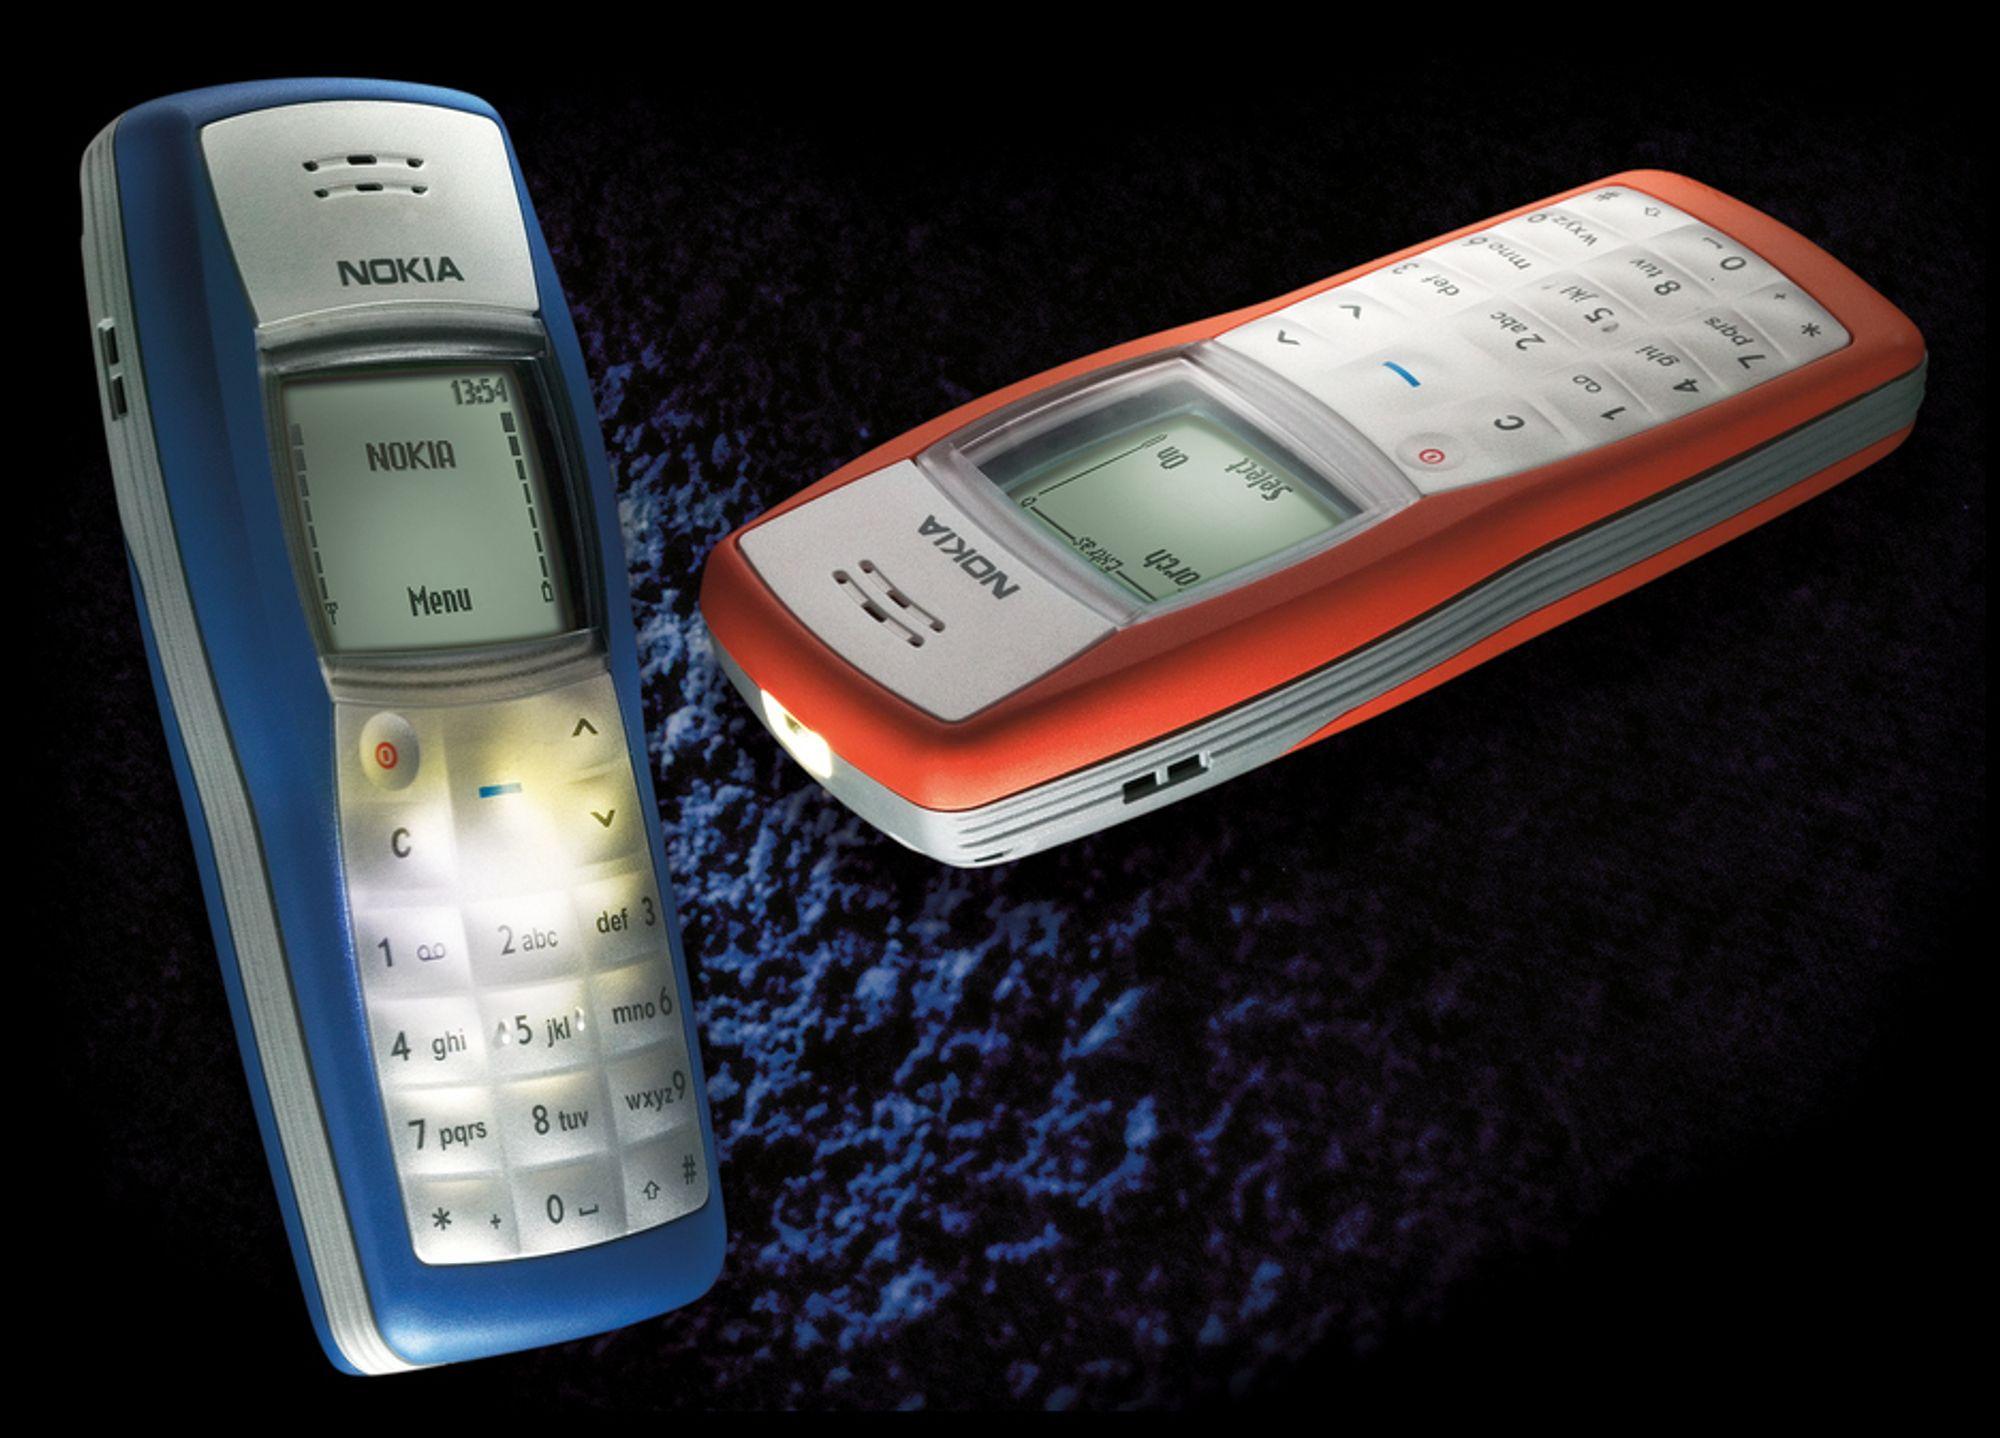 En viss modell av Nokias 1100-mobiltelefon skal kunne bruke andres mobilnummer. Det kan gi farlige konsekvenser.